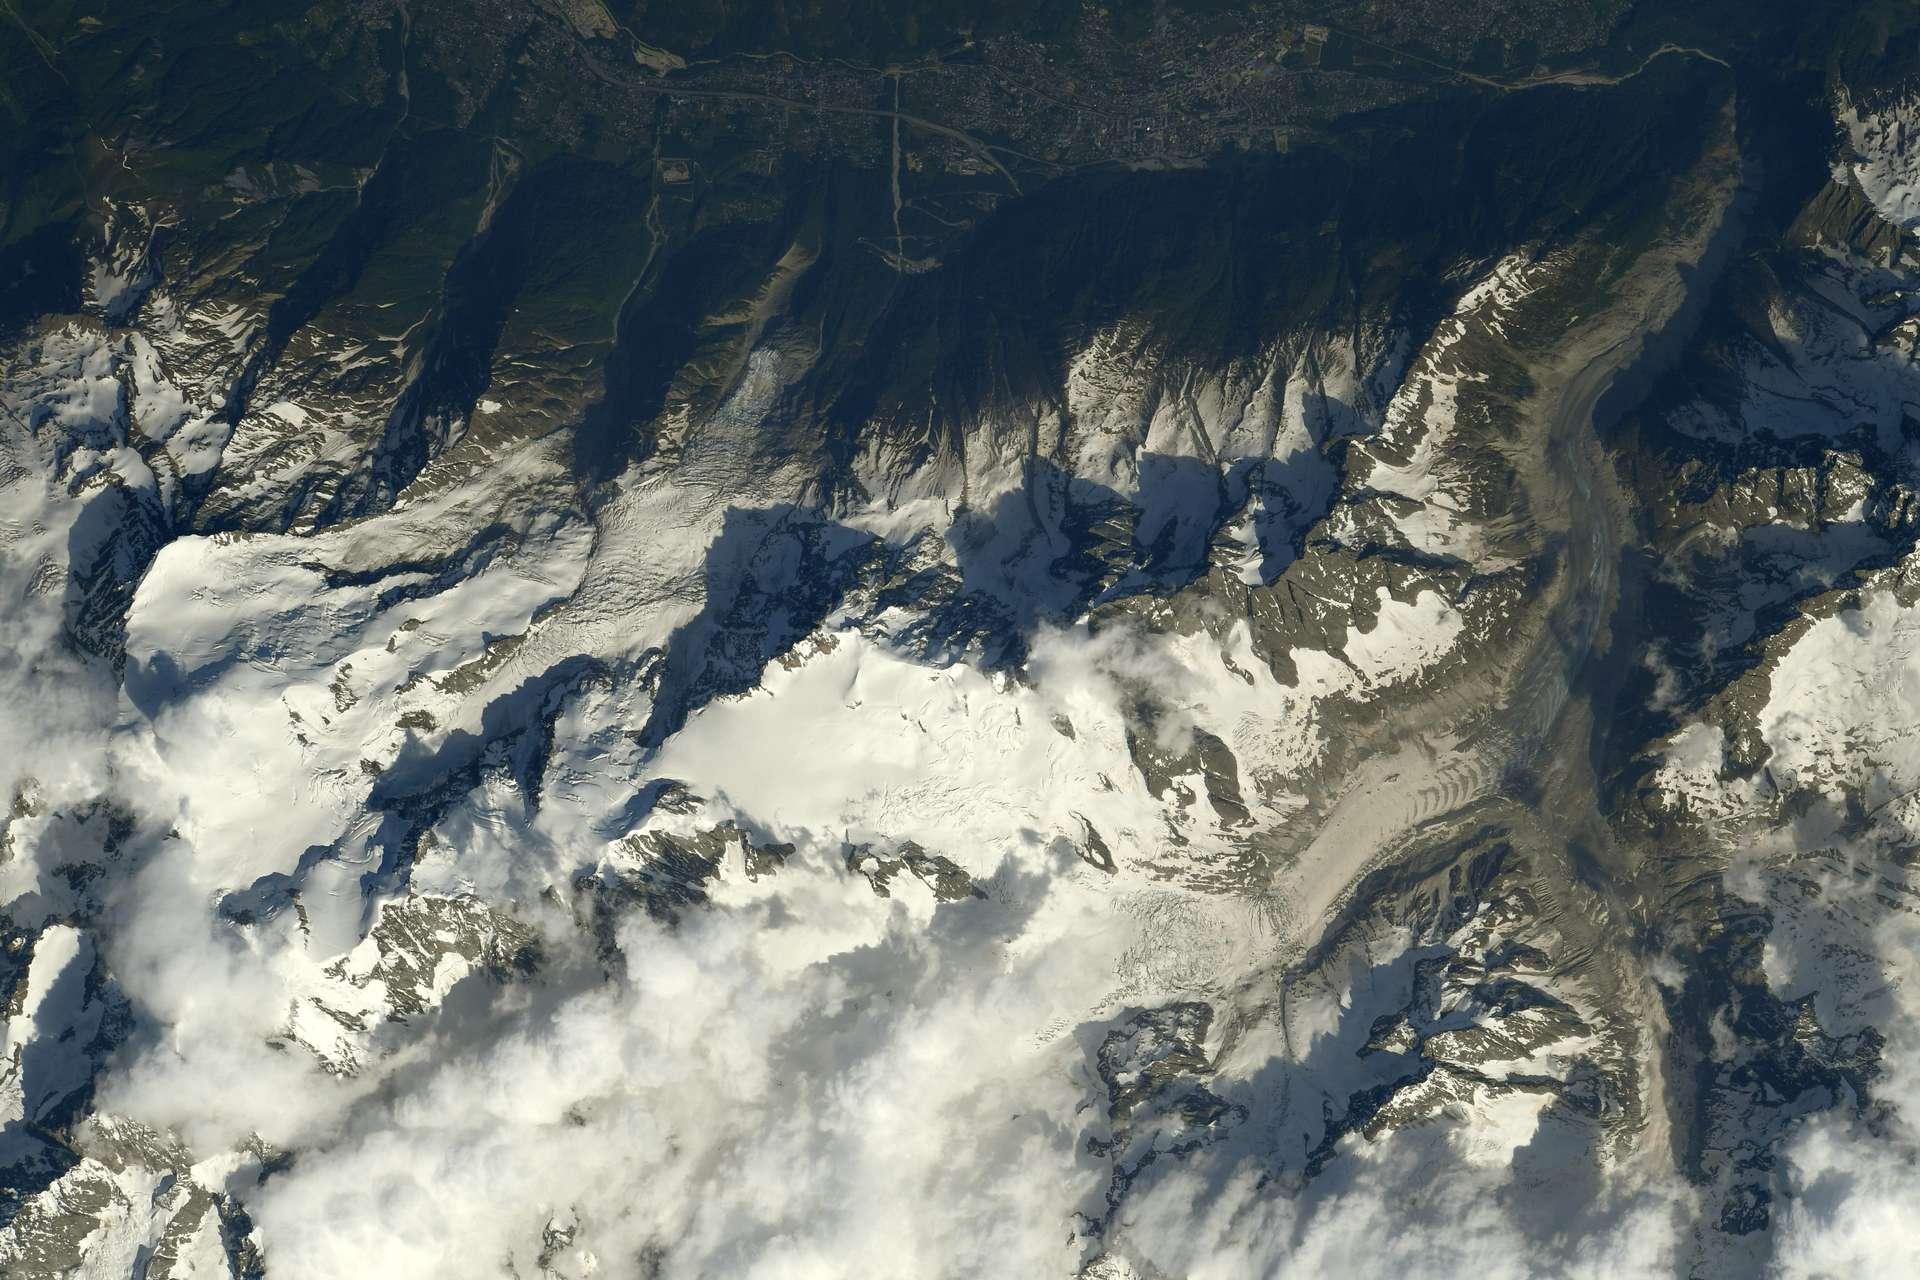 Le Mont Blanc, la Mer de Glace et la Vallée de Chamonix, photographiés par Thomas Pesquet, en juin 2021. © ESA/Nasa, Thomas Pesquet